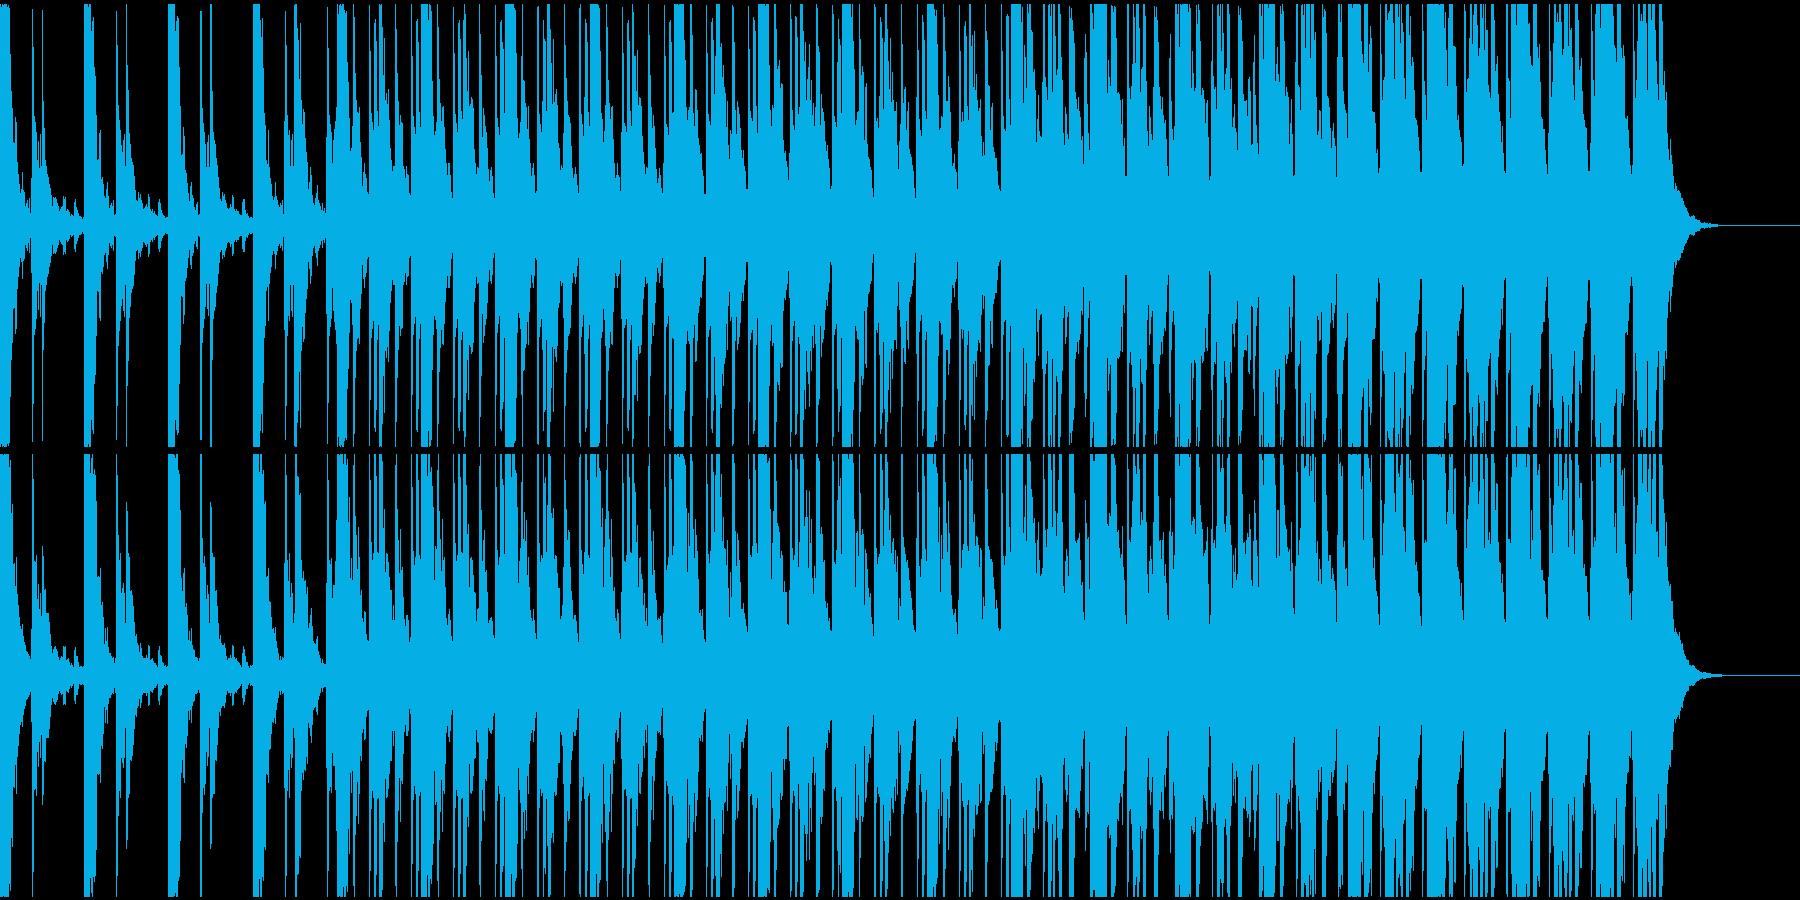 厳かな和太鼓メインのリズム楽曲の再生済みの波形